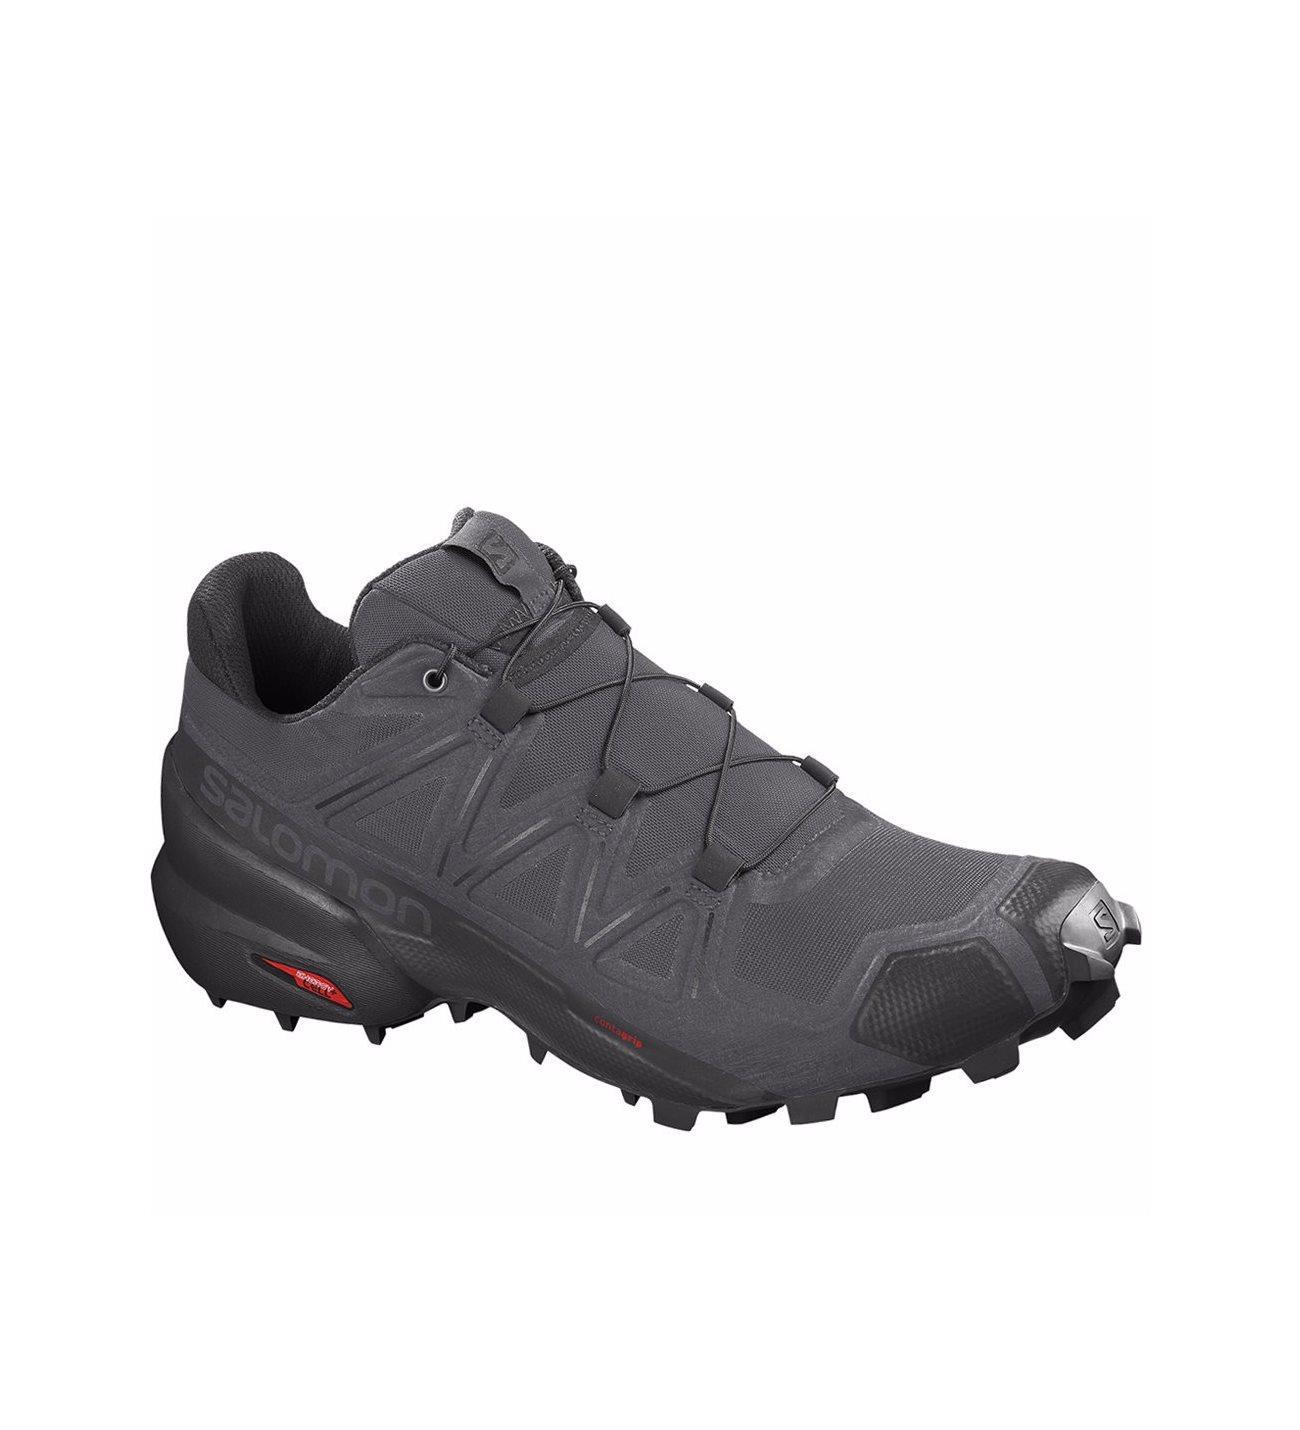 Salomon SPEEDCROSS 5 Erkek Ayakkabısı L41042900